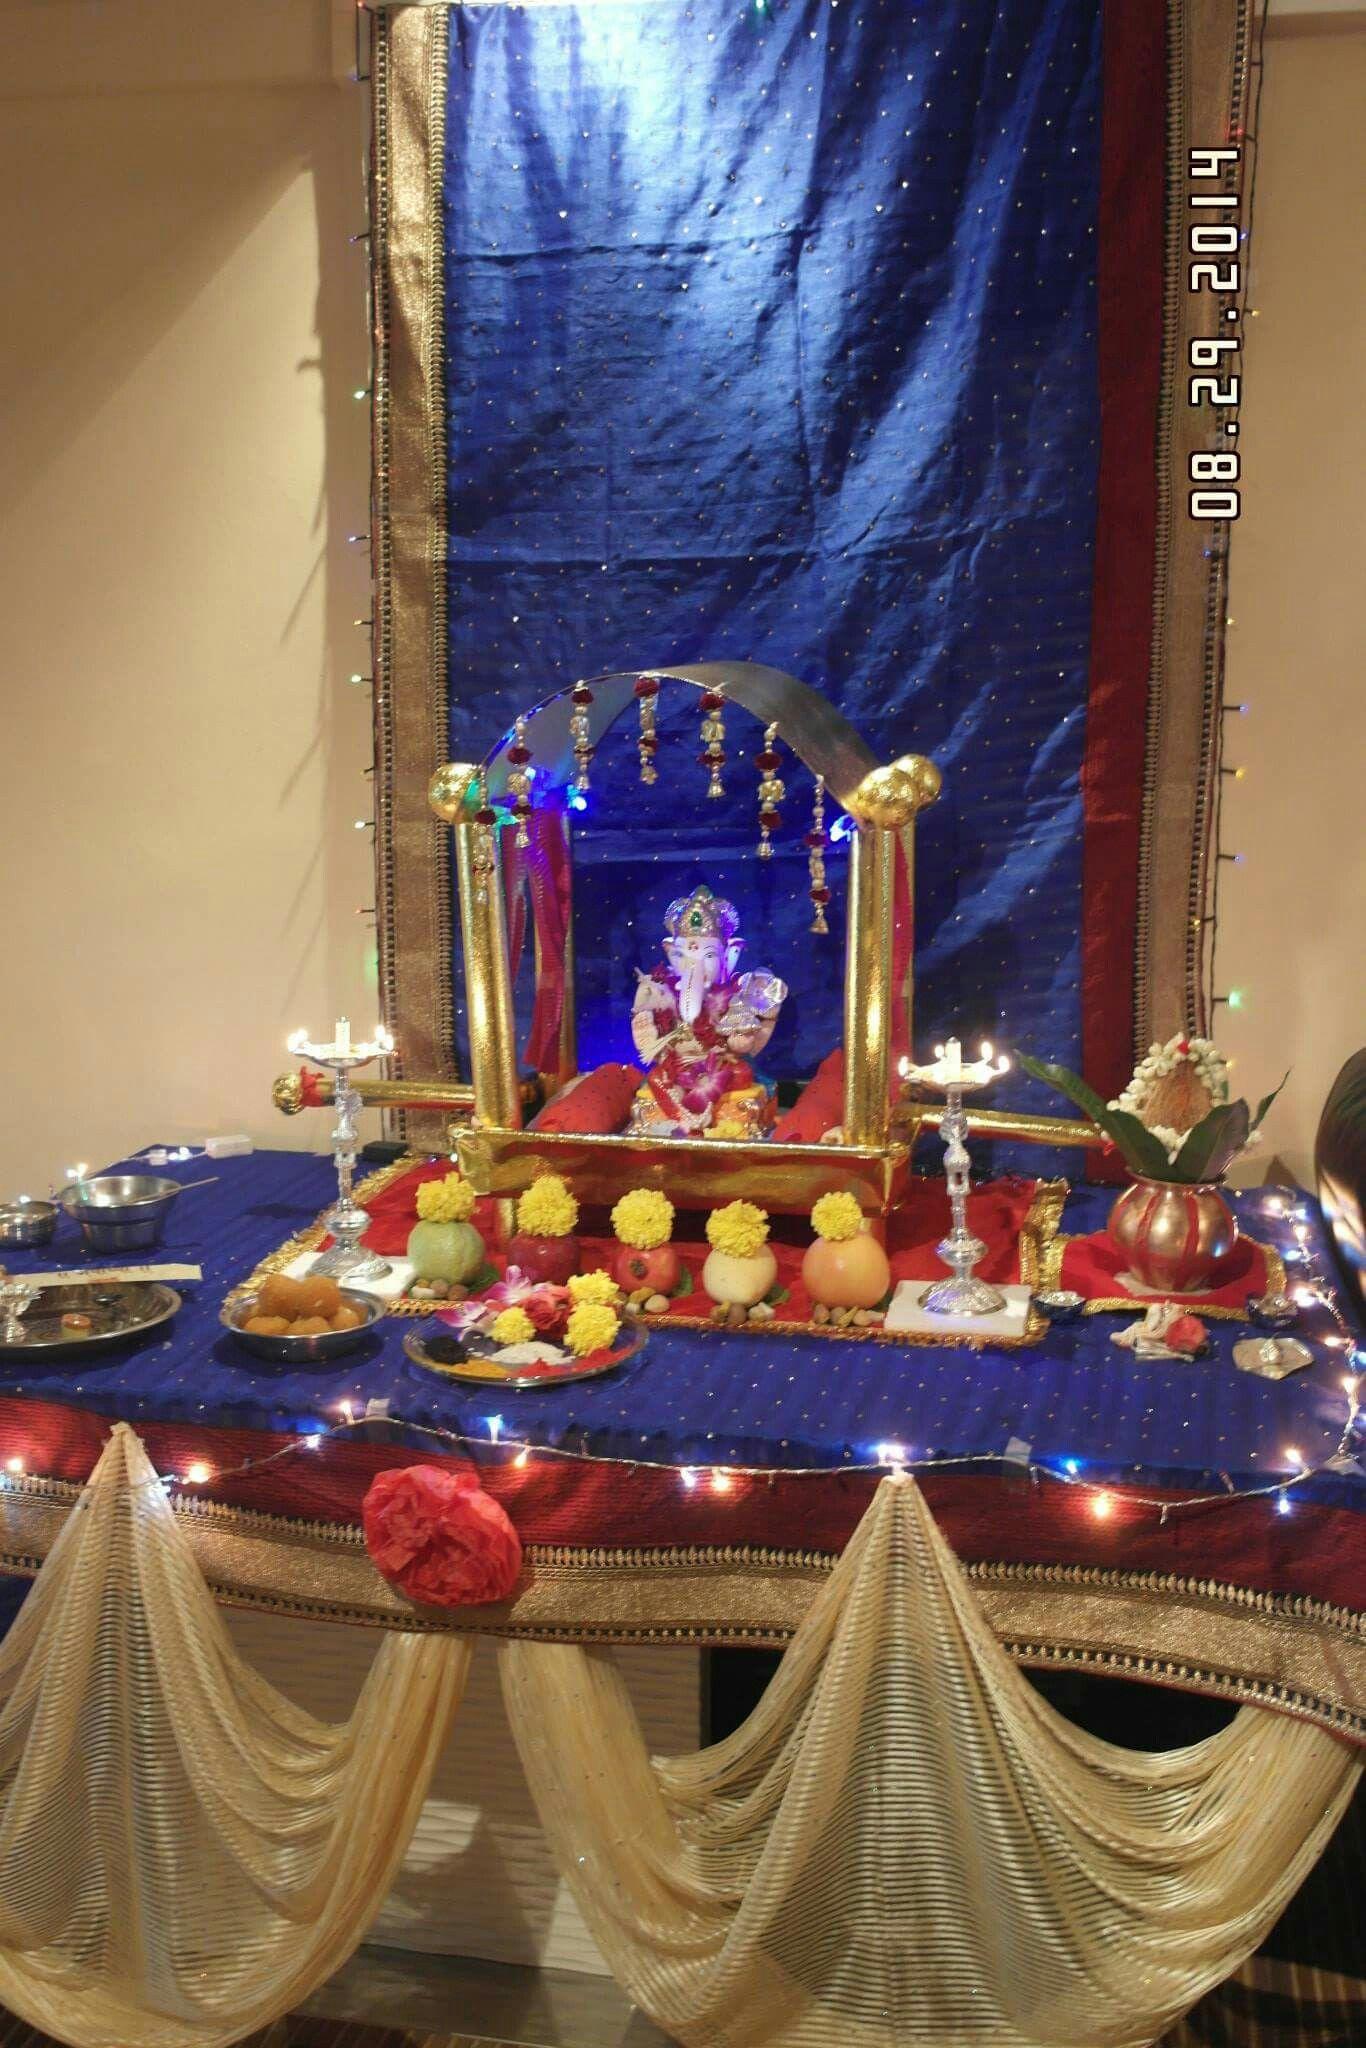 Ganapati Decoration Park Ganesha Deities Ganpati Bappa